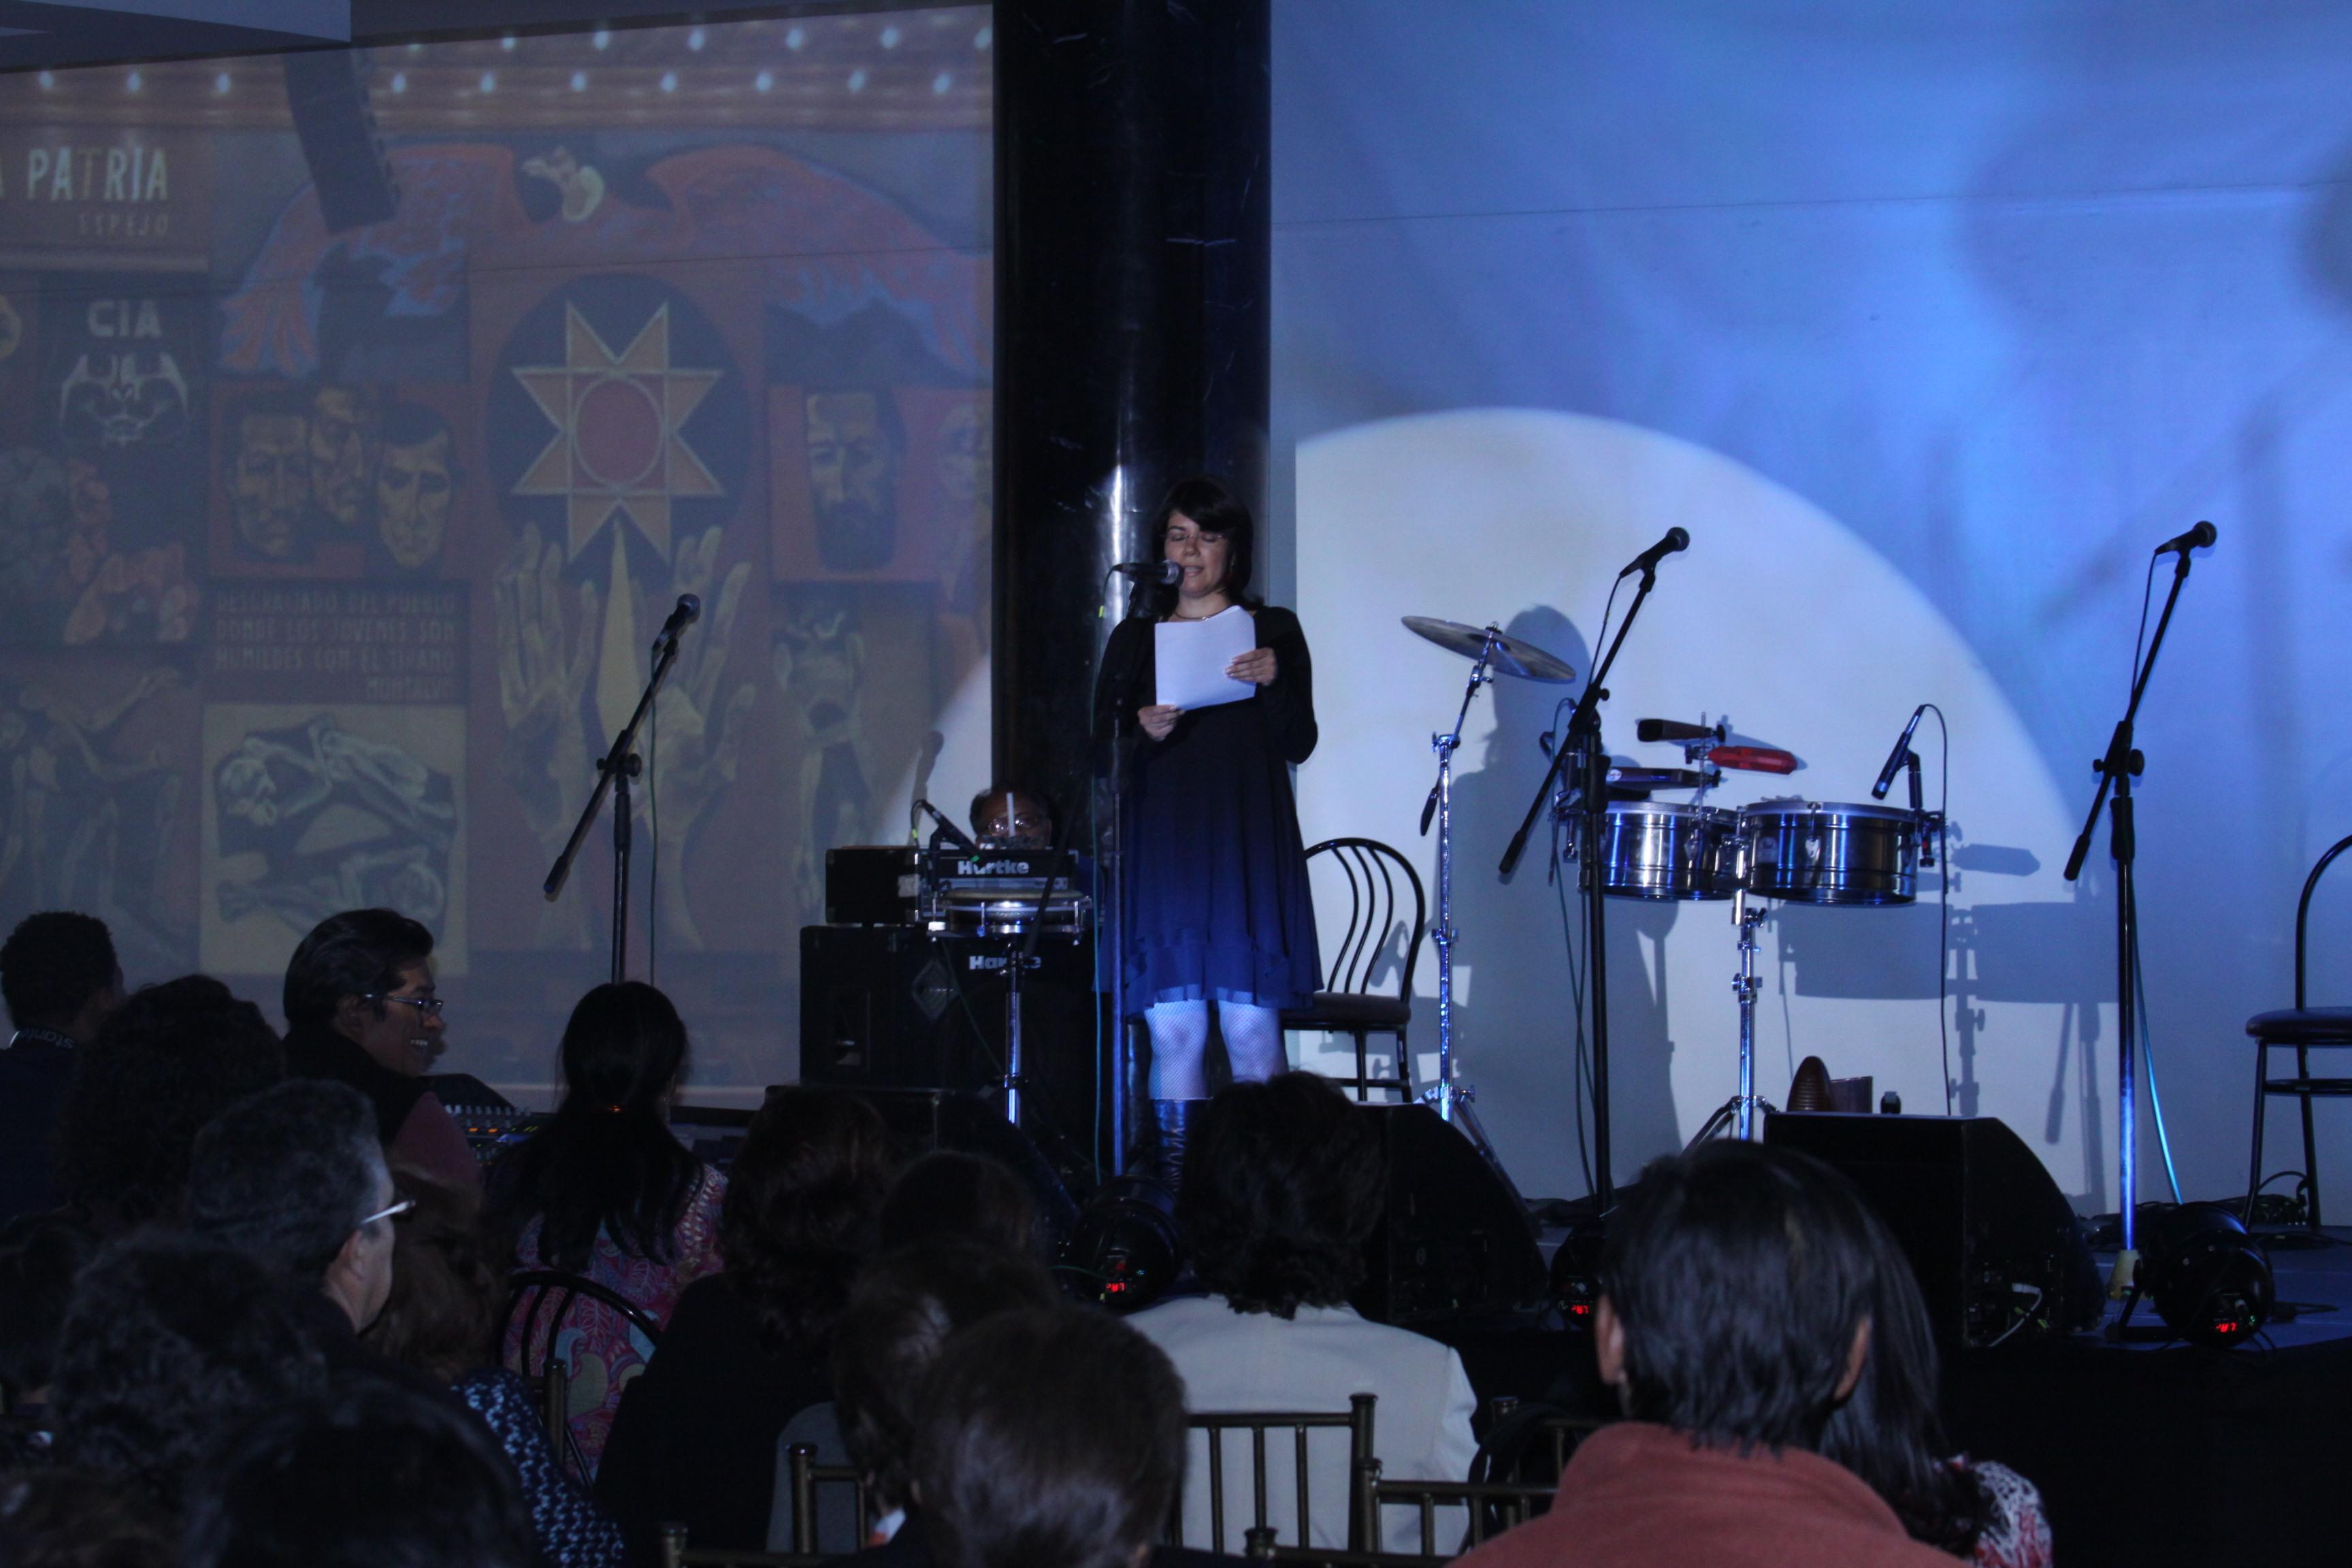 CAPÍTULO 6: EL SACRISTÁN BUSCA RESPUESTAS